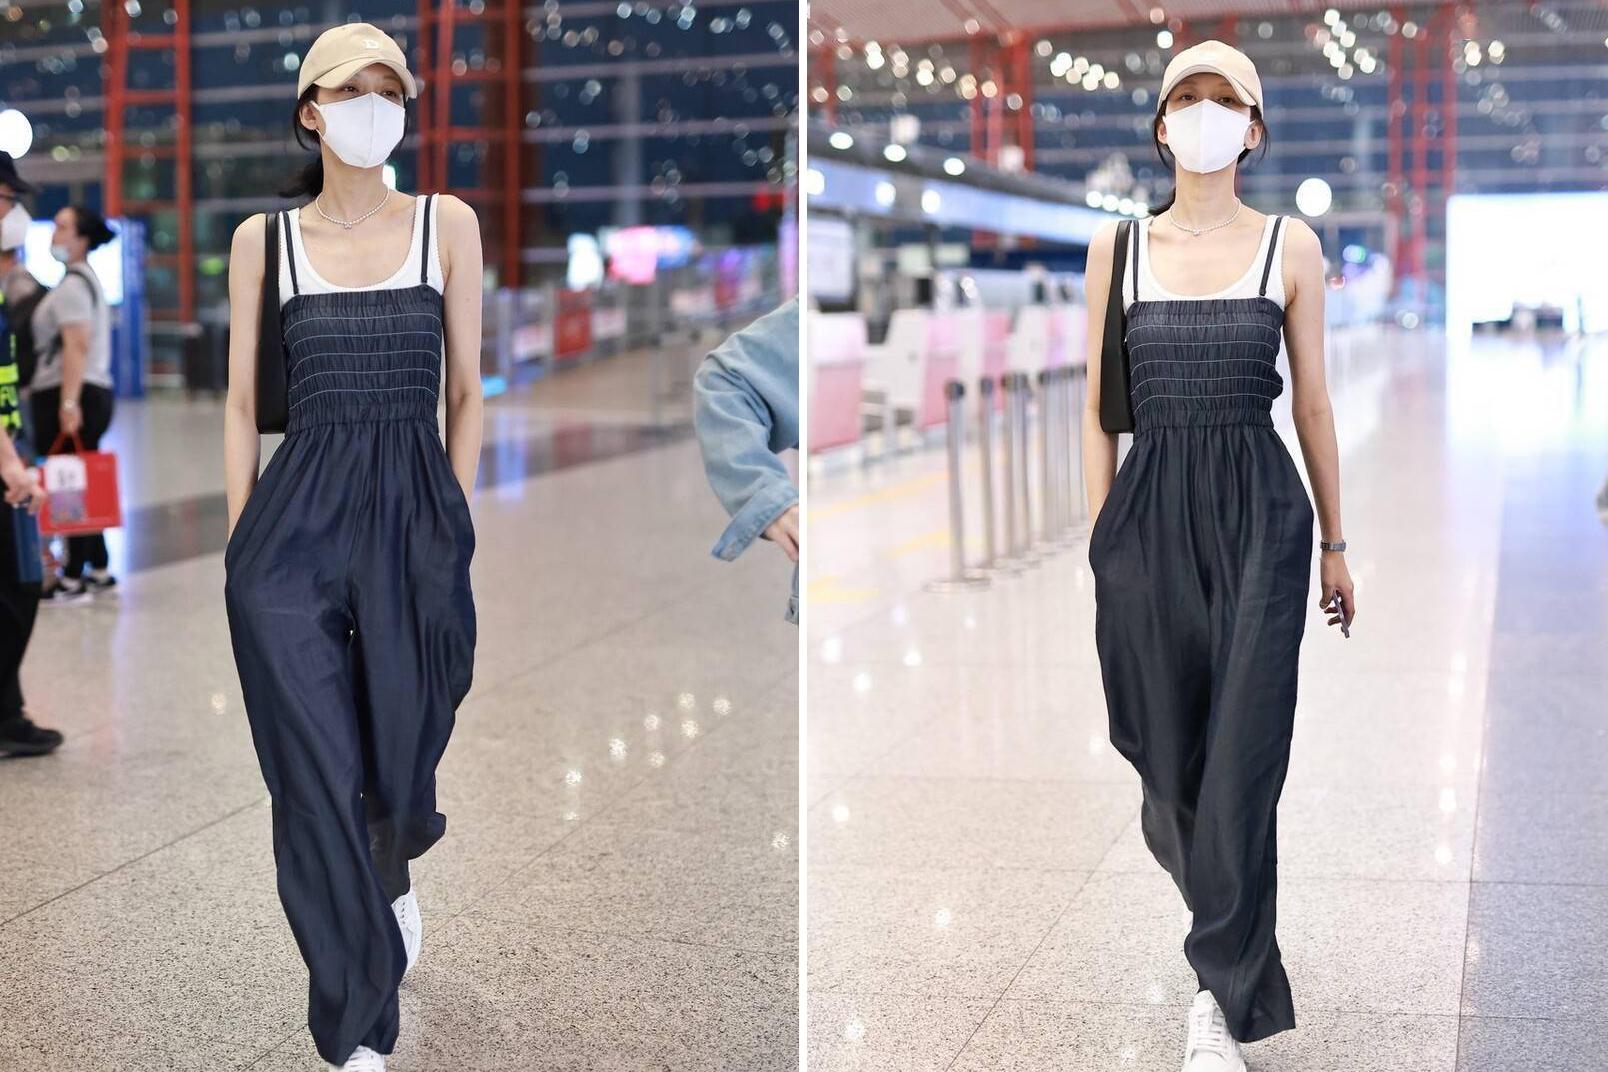 孙怡瘦过了吧?机场一袭吊带连体裤腰细腿长,但失去了女性曲线美